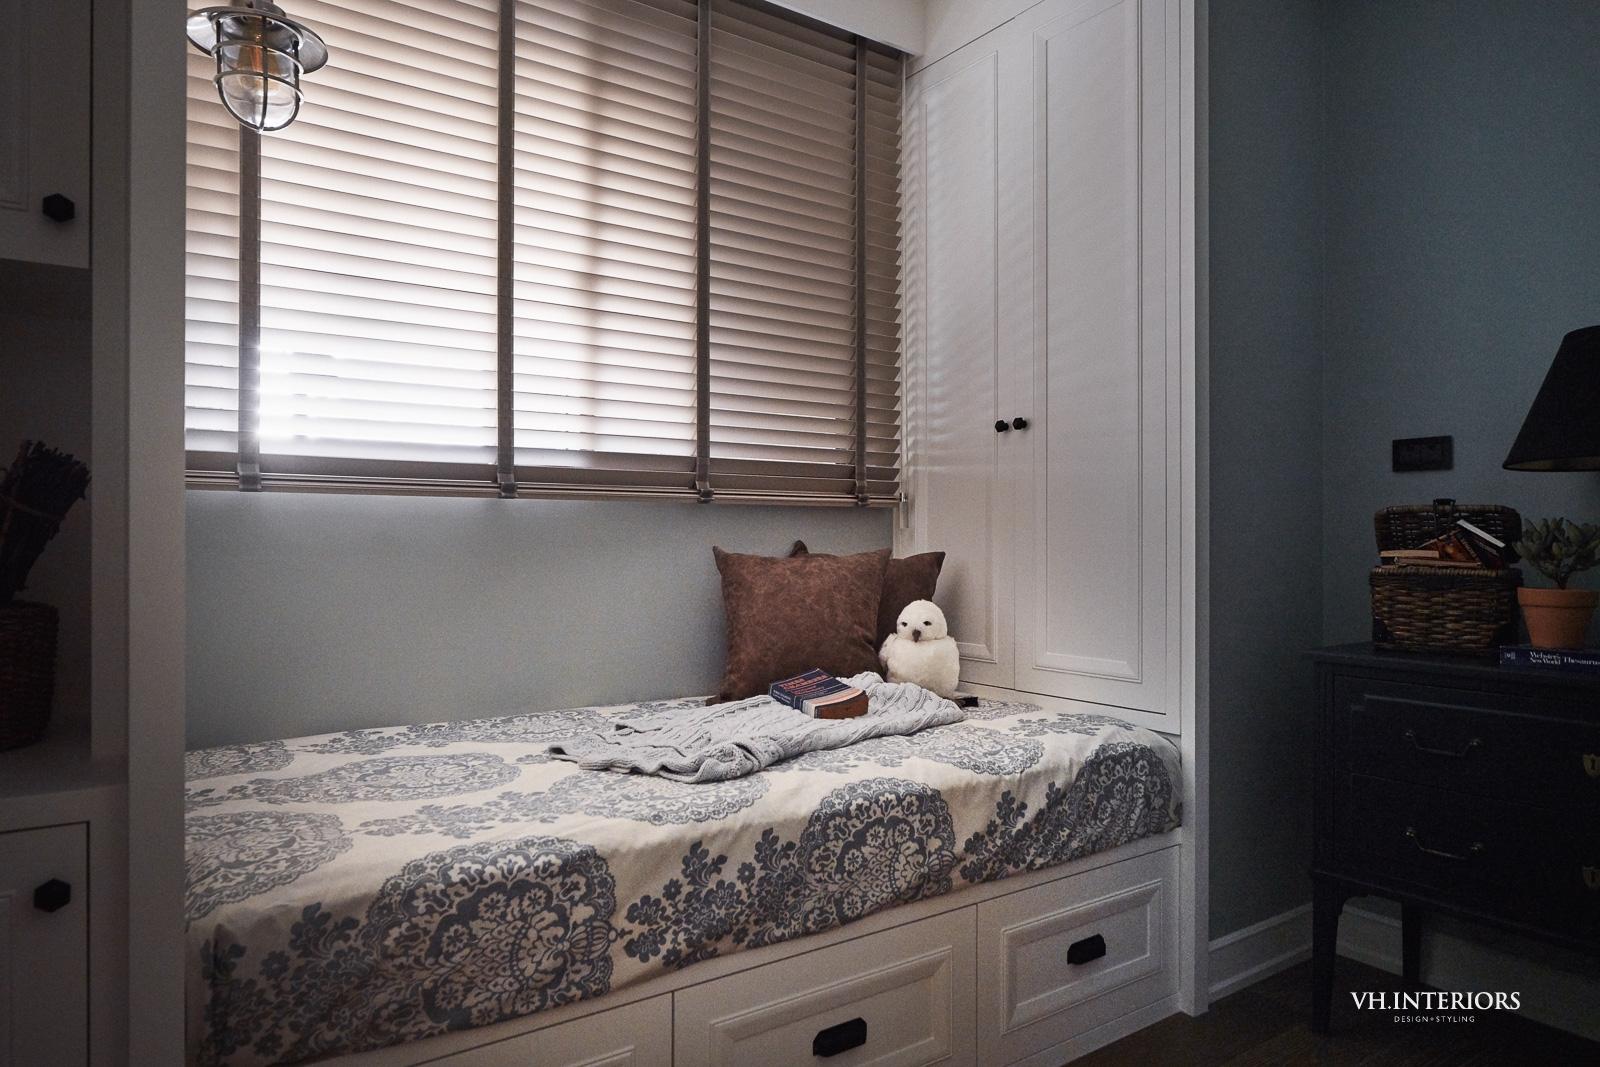 VH_ApartmentWithDog-670.jpg